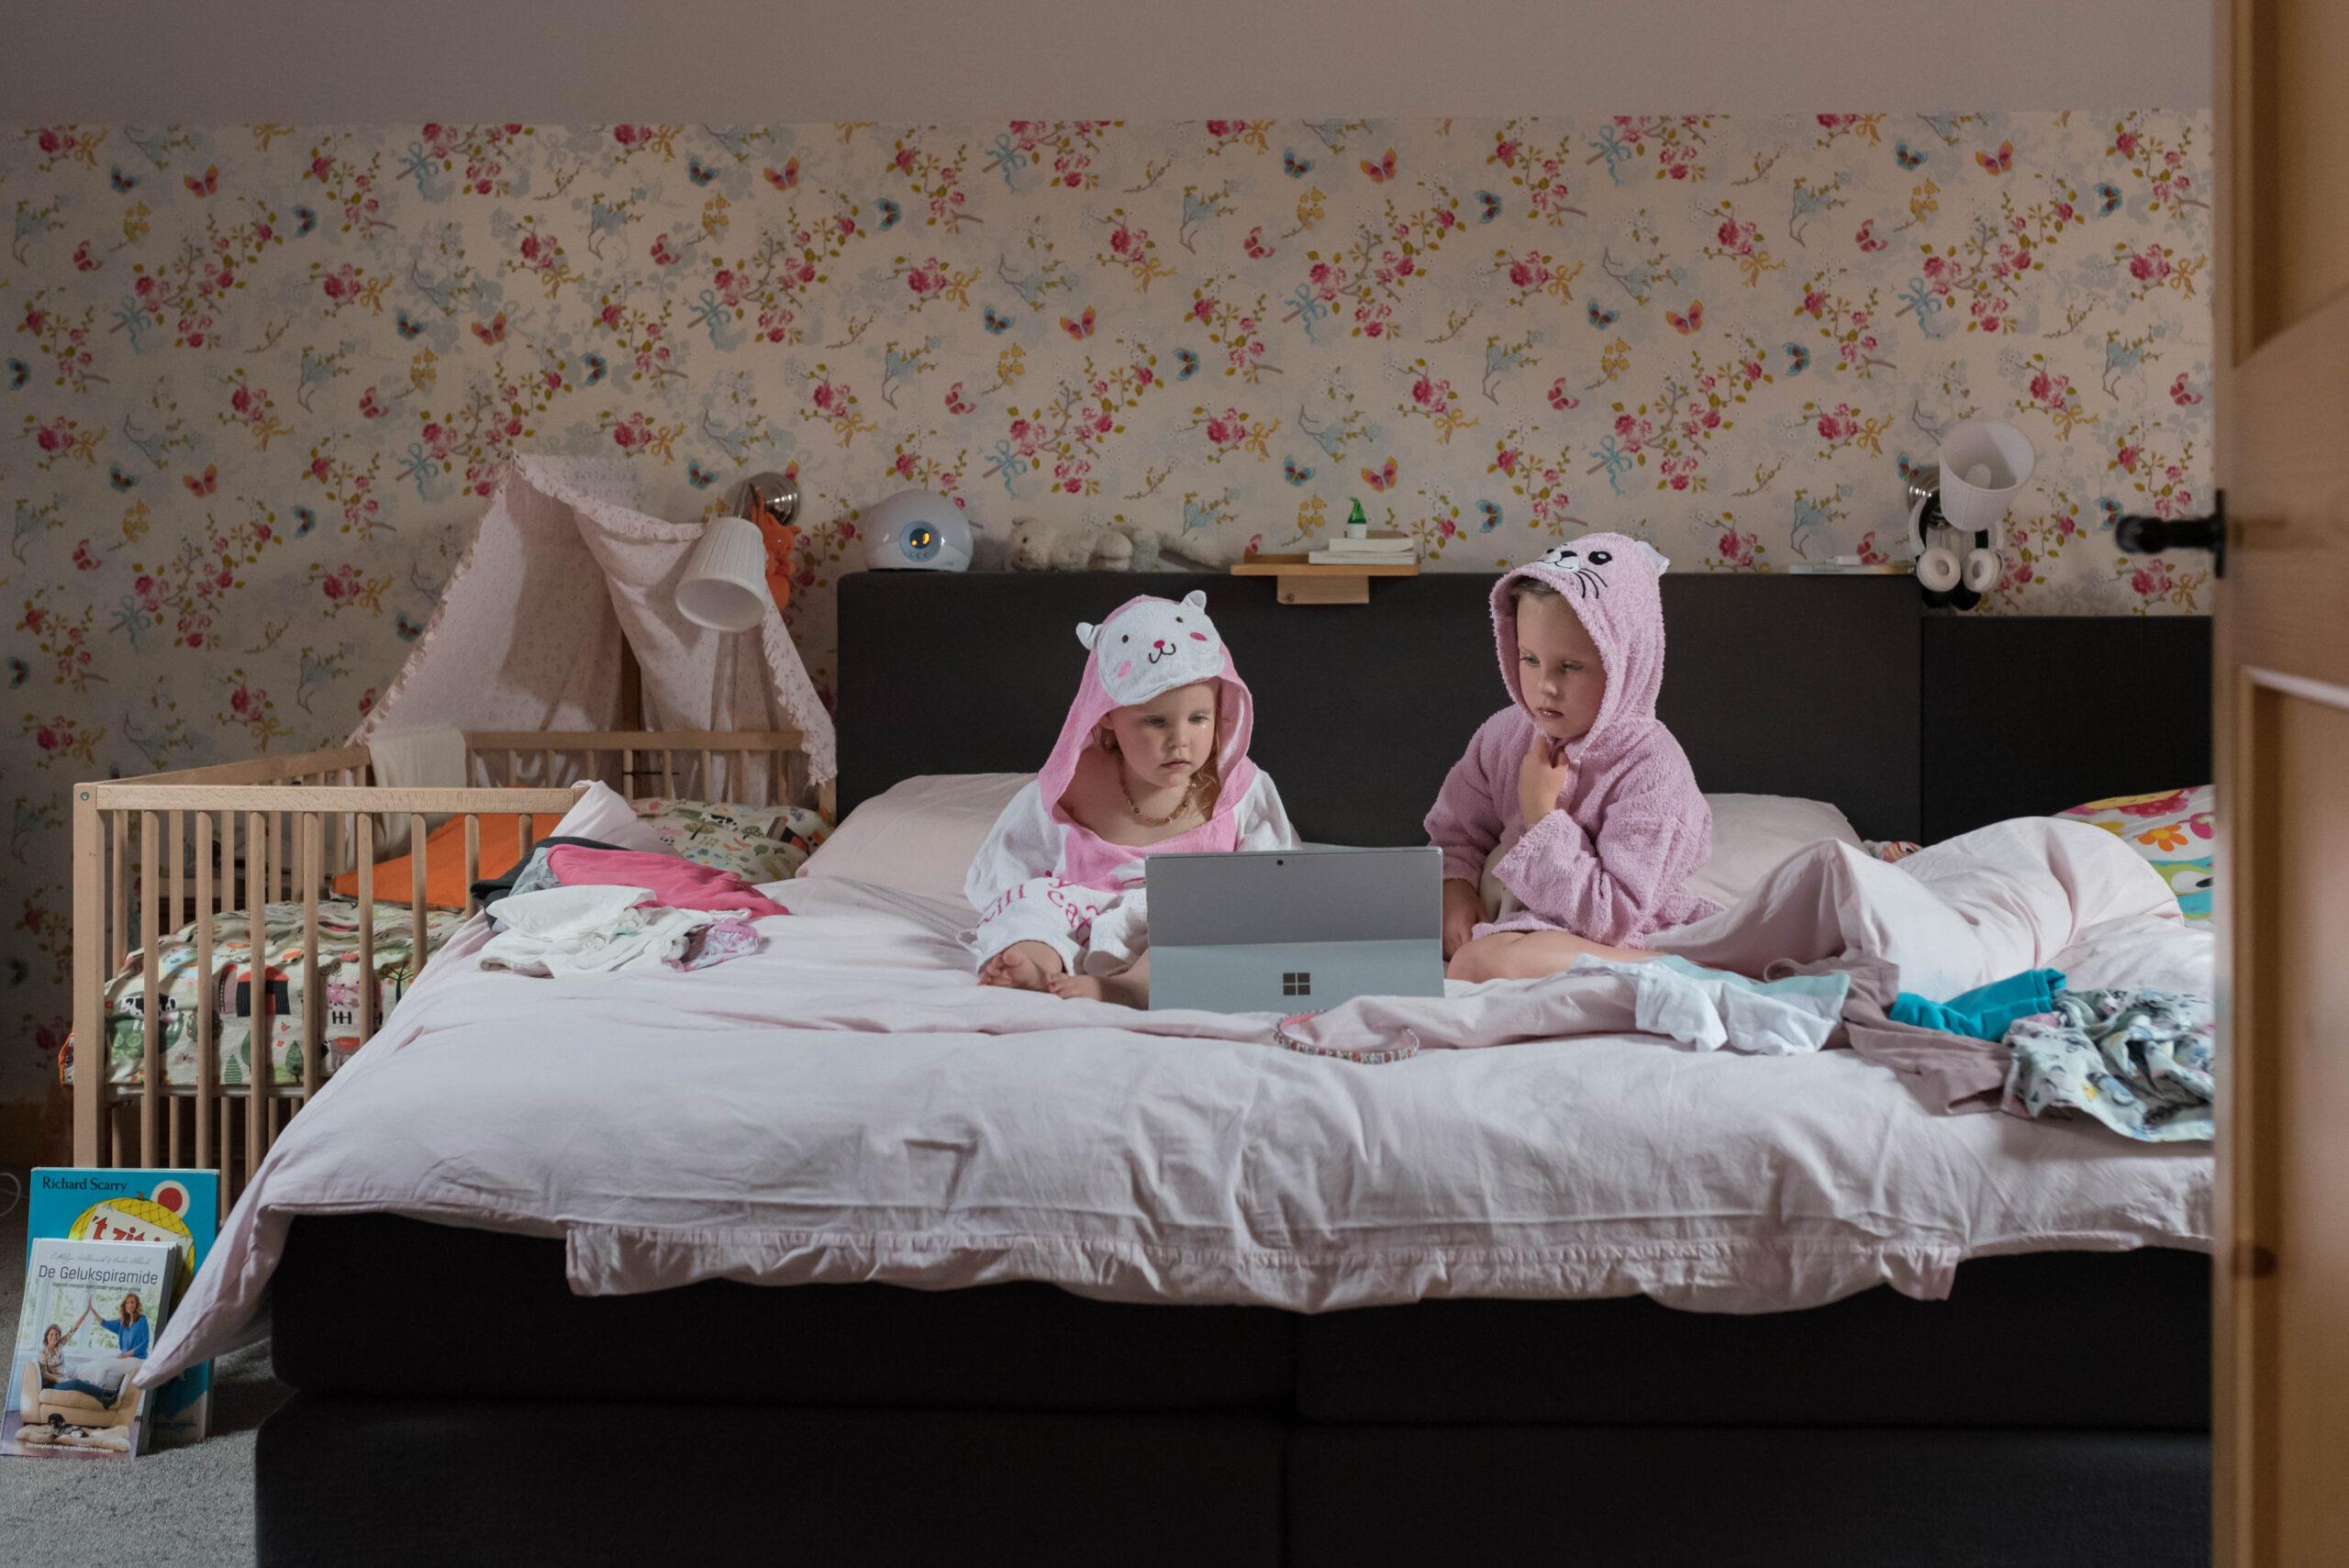 Zusjes op bed Jasja de Wit Fotografie